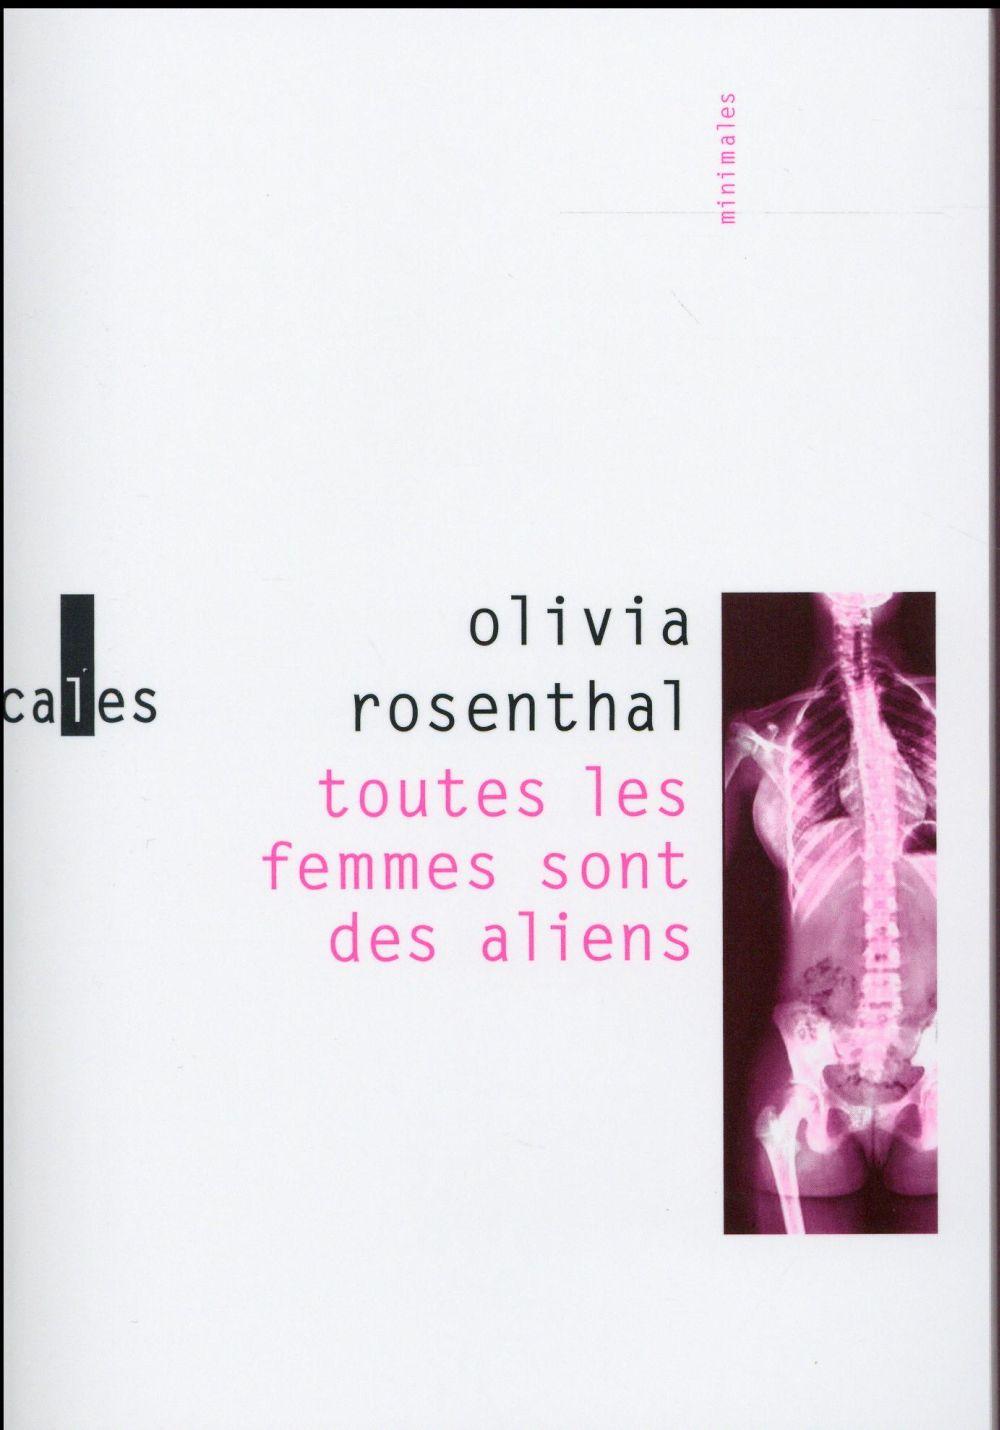 Toutes les femmes sont des aliens